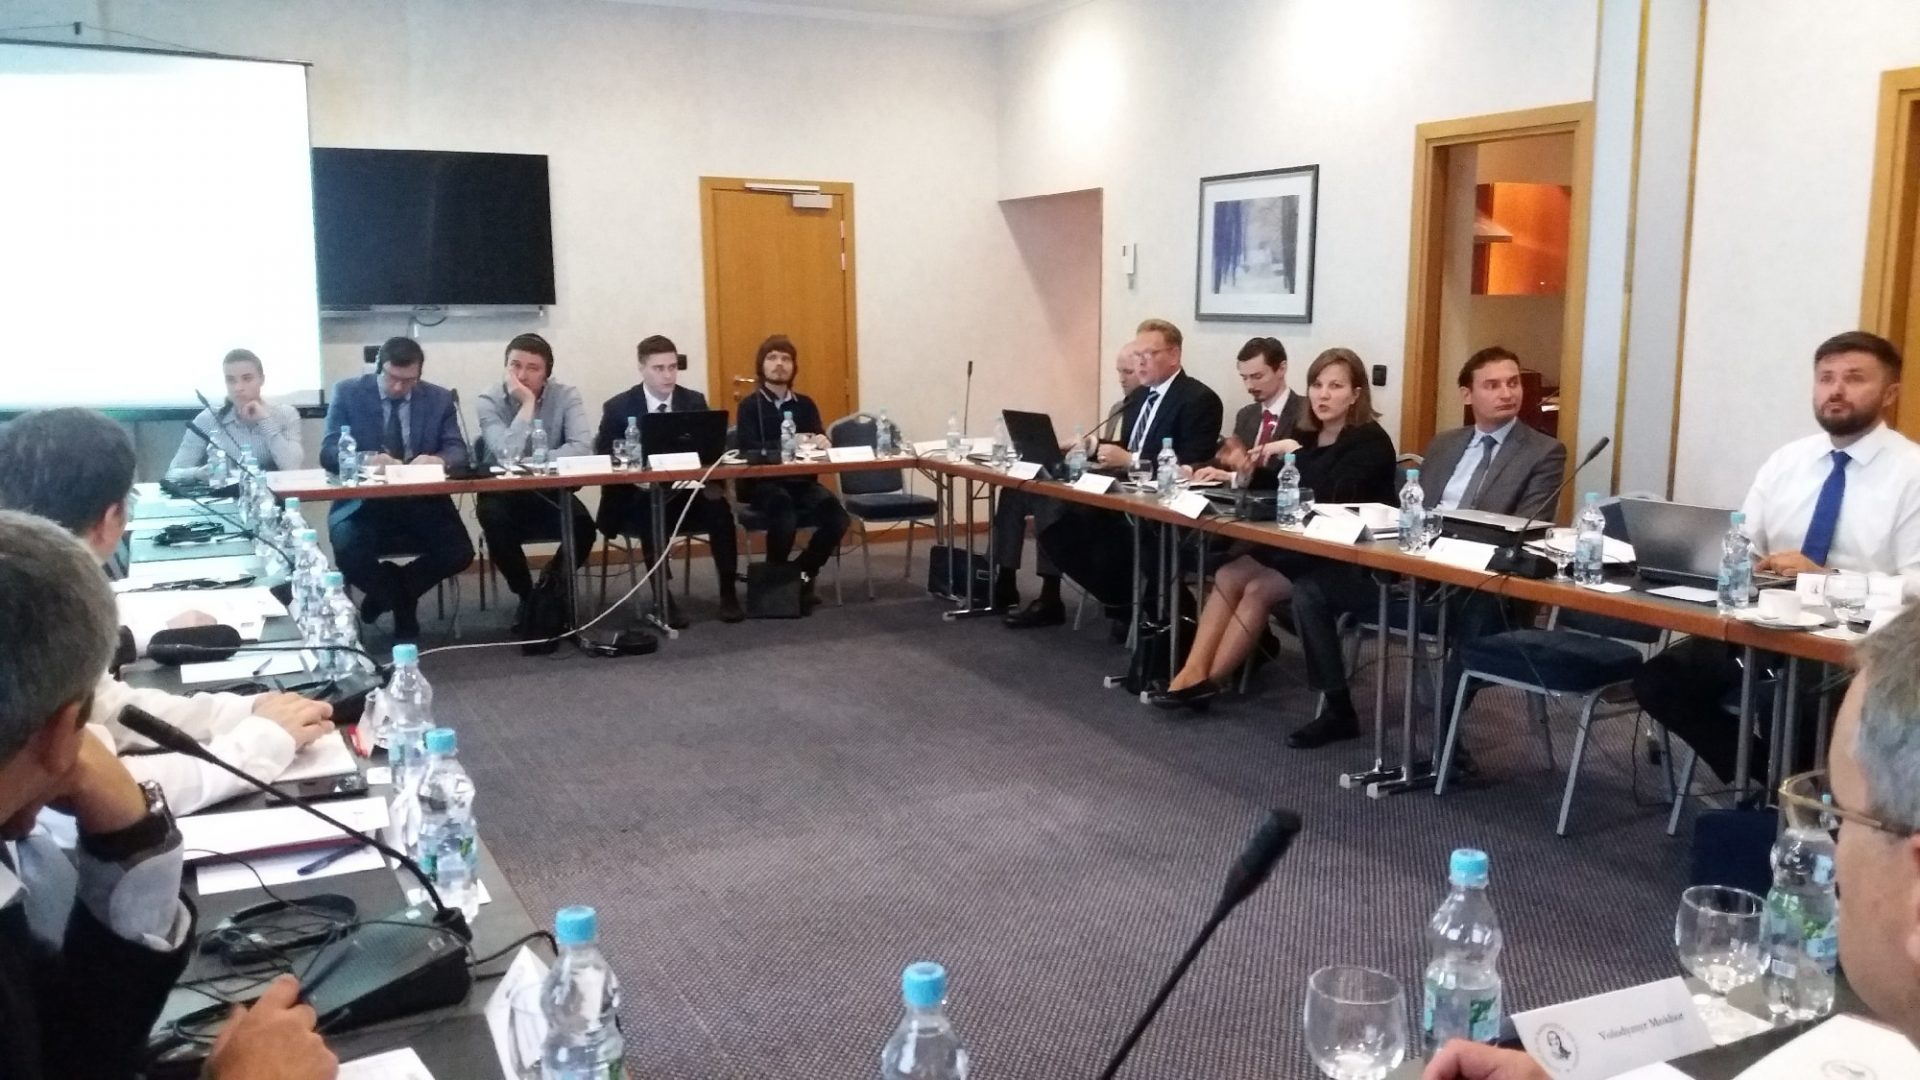 """""""Dobrzy eksperci iich wiedza kosztują"""" – konferencja FKP wKijowie ocyberbezpieczeństwie"""